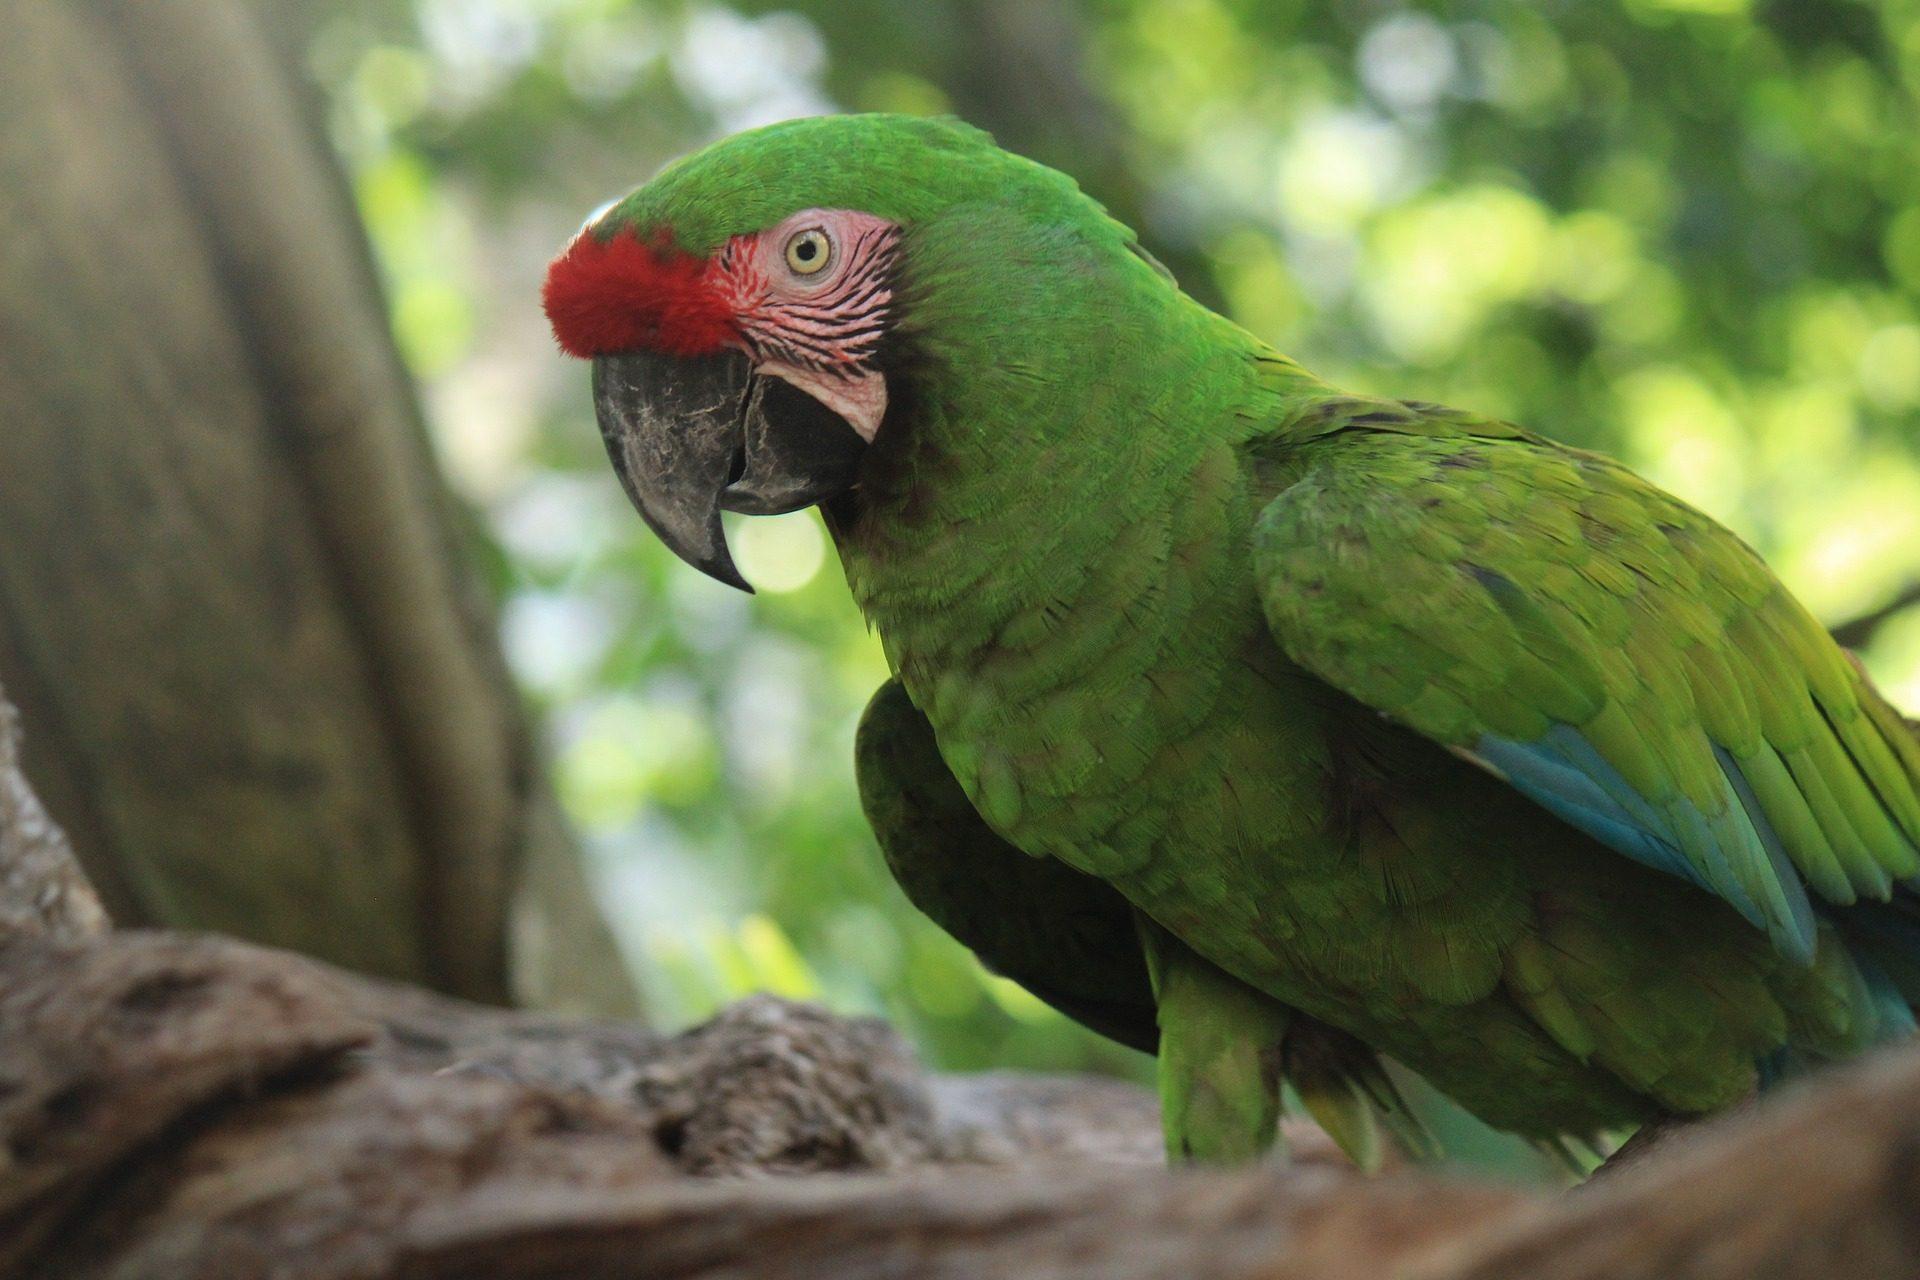 seus, cacatuas, Ave, Pássaro, plumagem, colorido, pico - Papéis de parede HD - Professor-falken.com